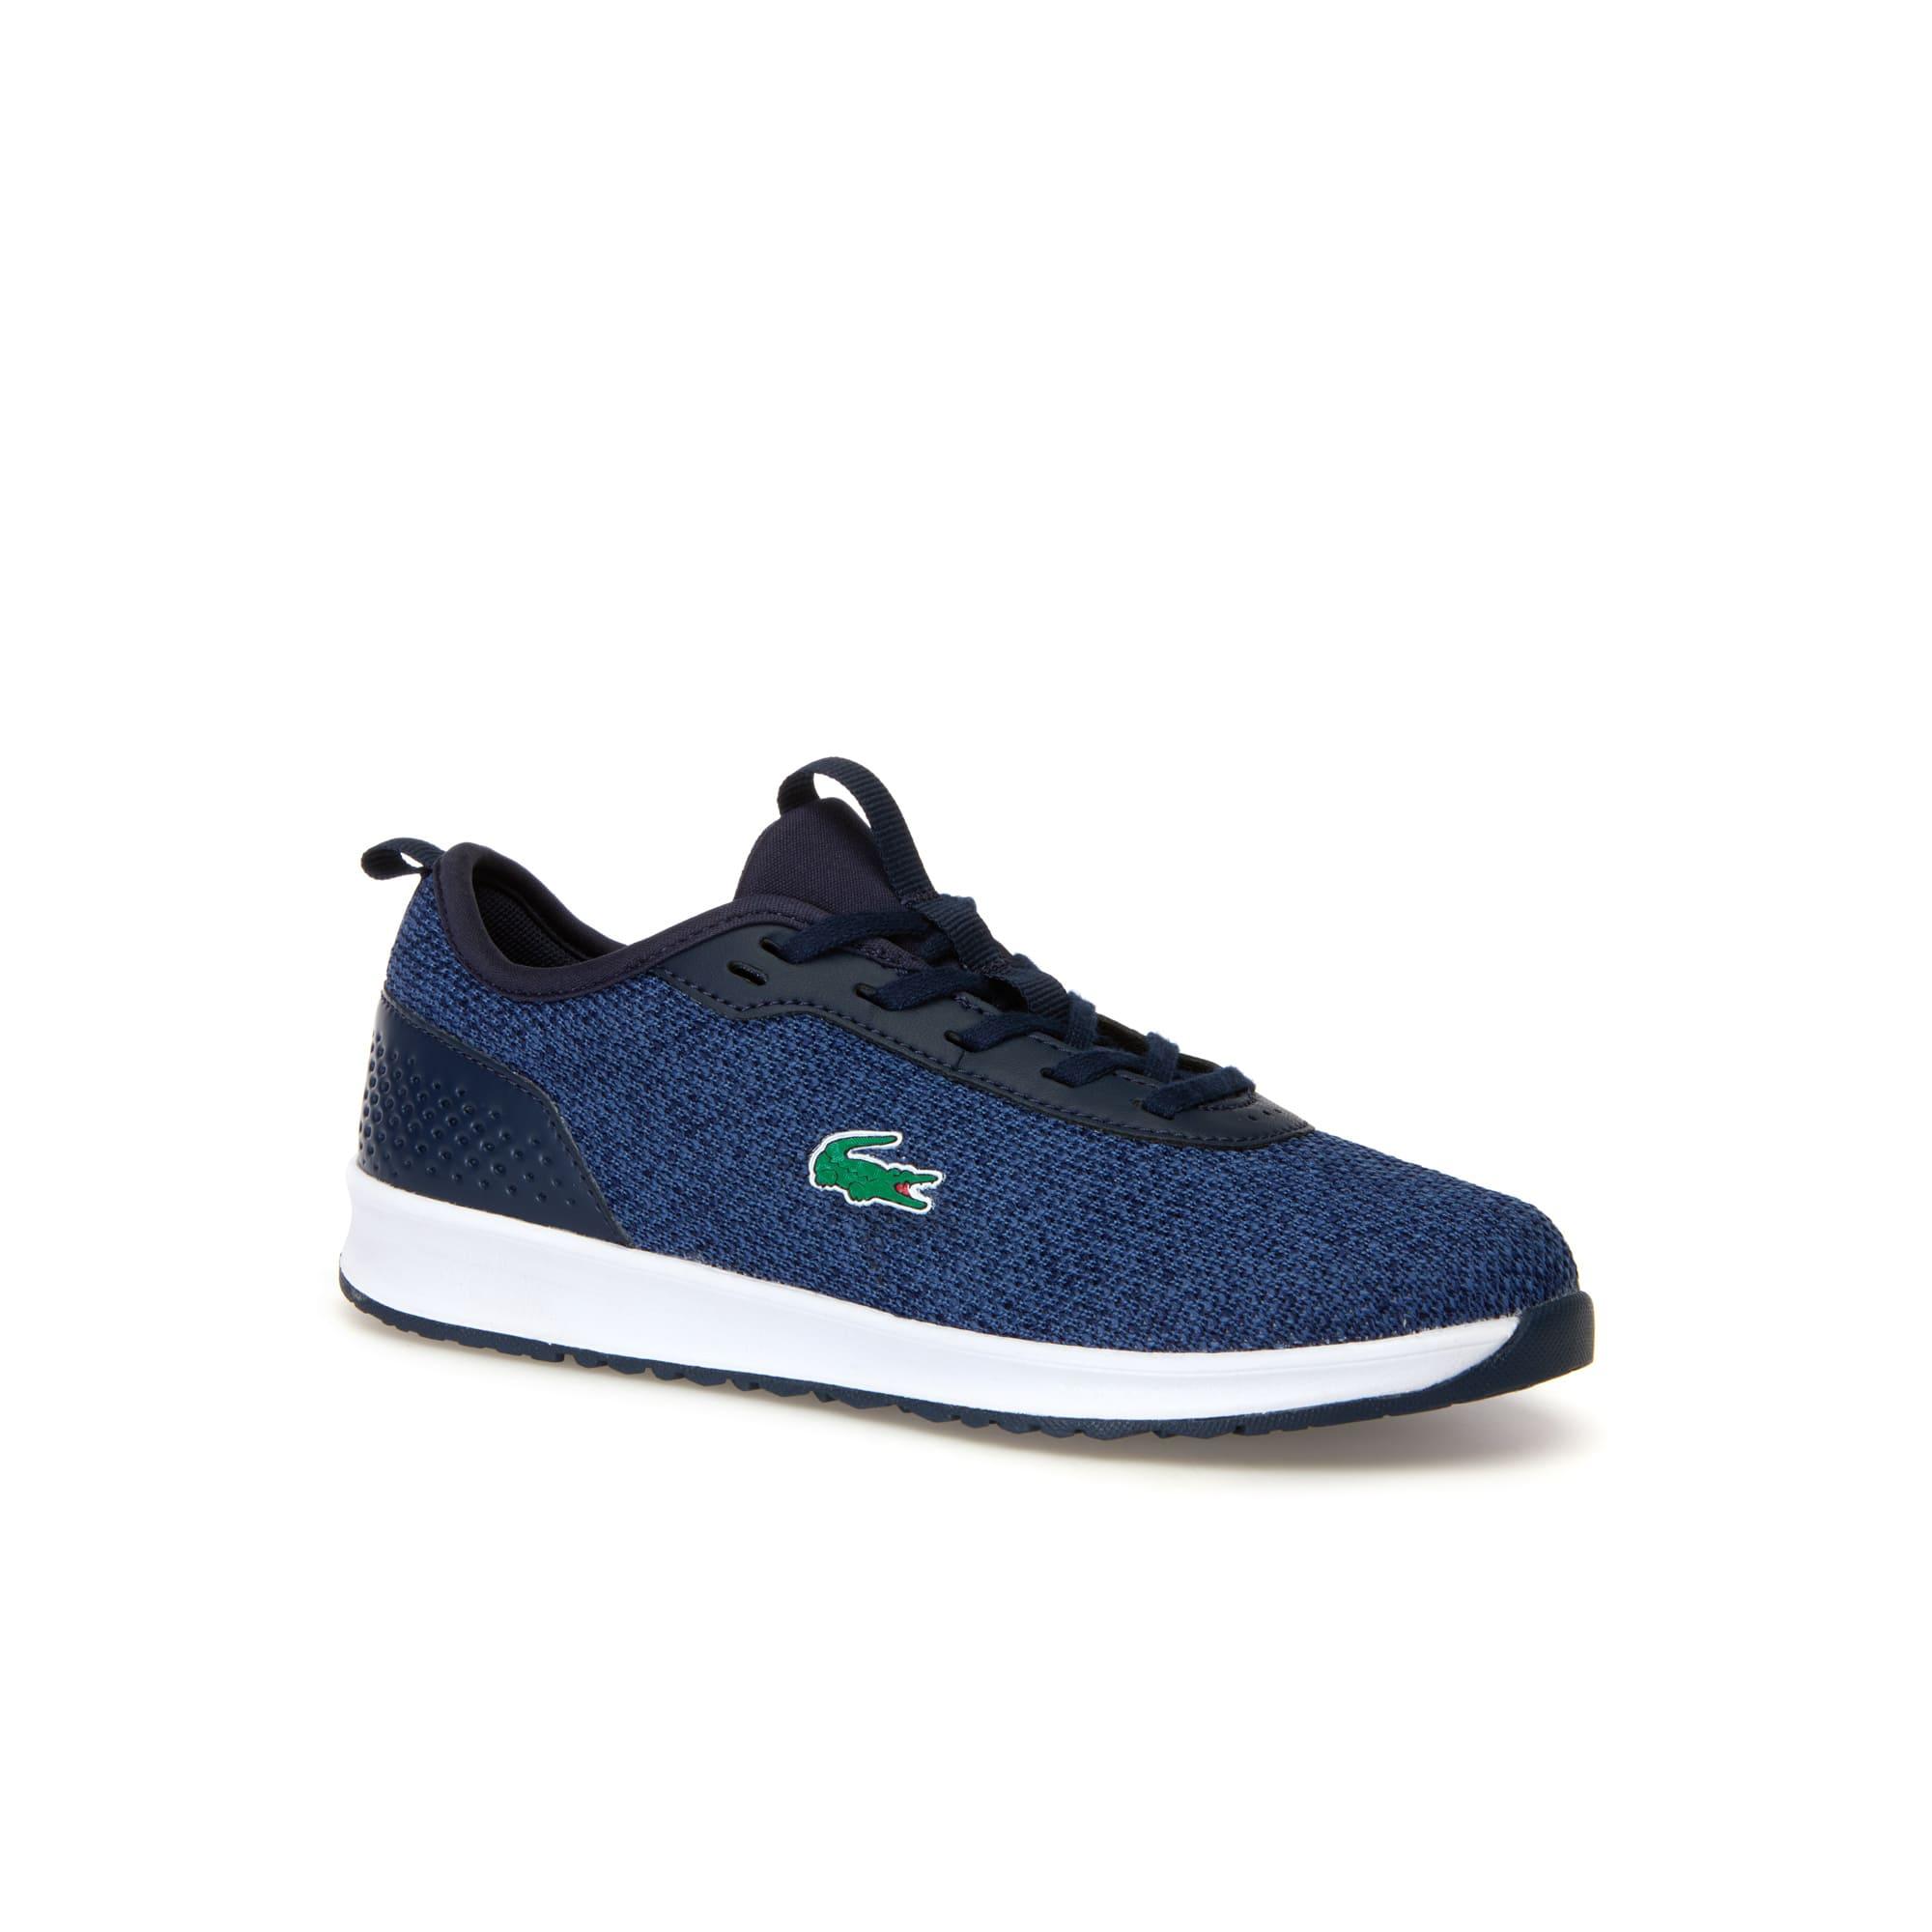 Kinder-Sneakers LT SPIRIT 2.0 aus Textil